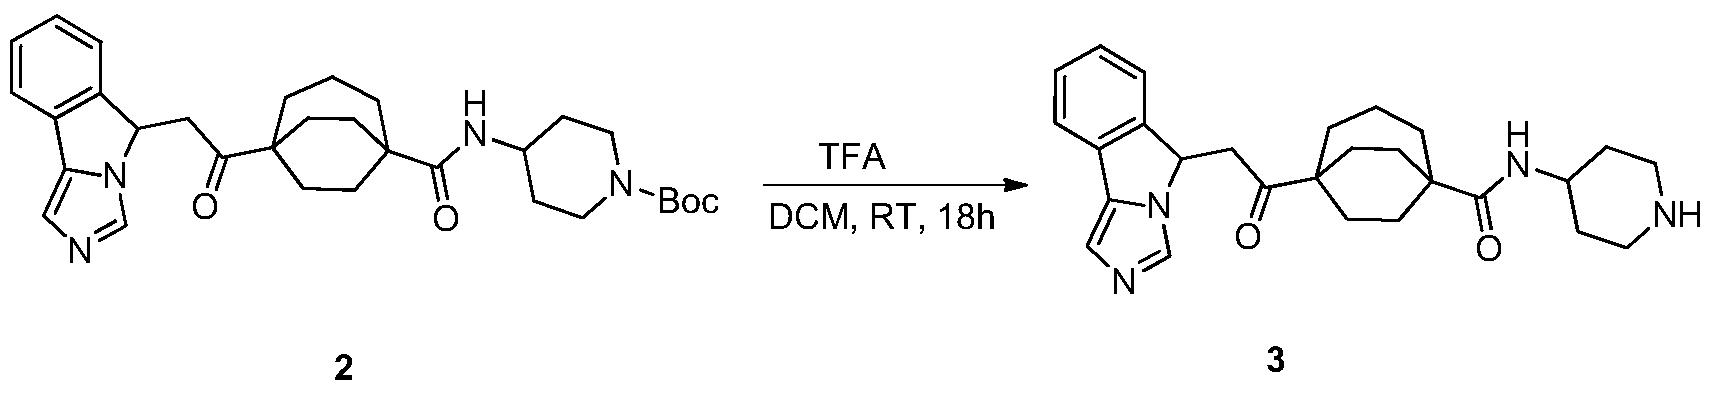 Figure PCTCN2017084604-appb-000121